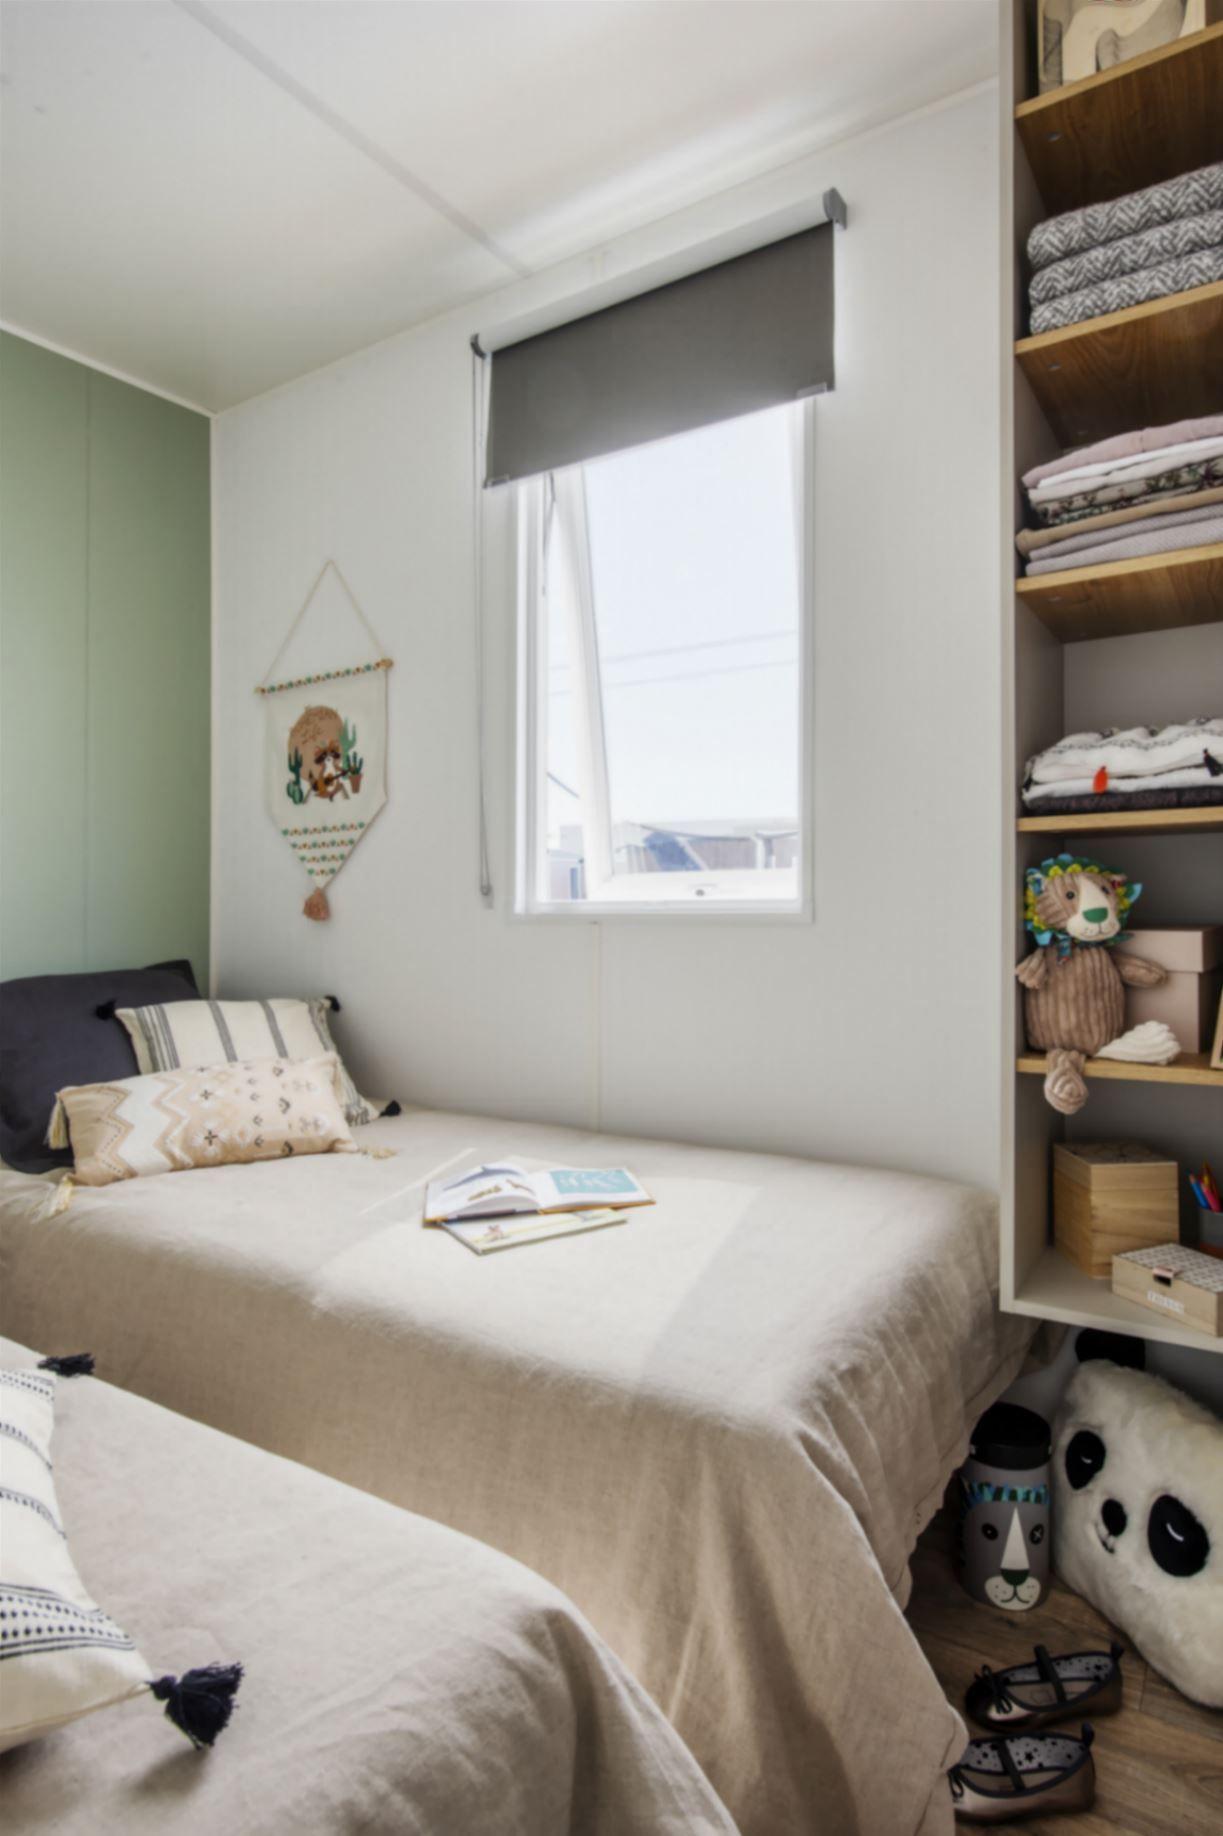 SAUVIGNON / Premium: Mobil-home, 17 chambres, 17 salles de bain